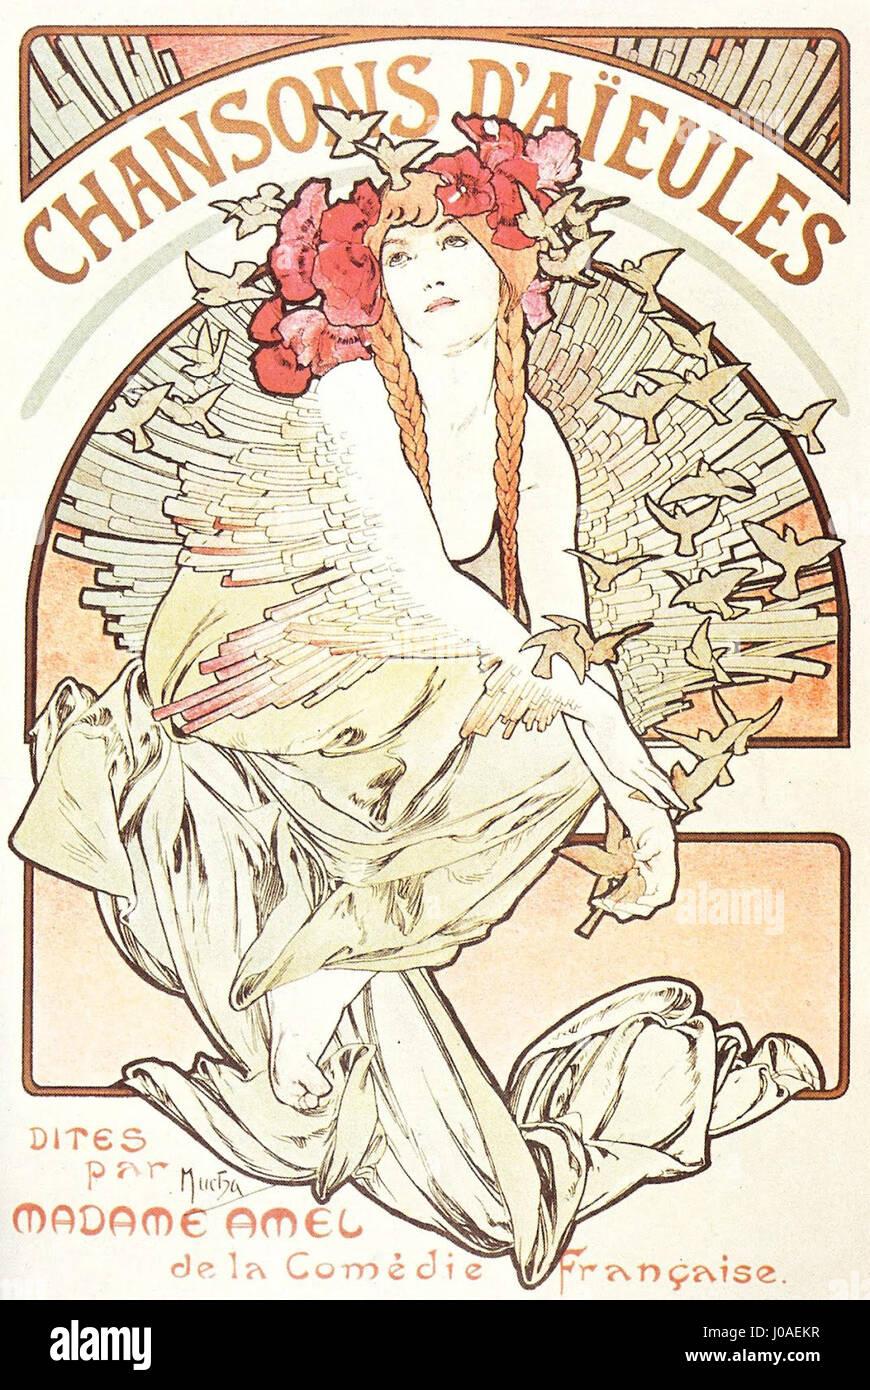 Chansons dE28099aieules Mucha 1898 - Stock Image